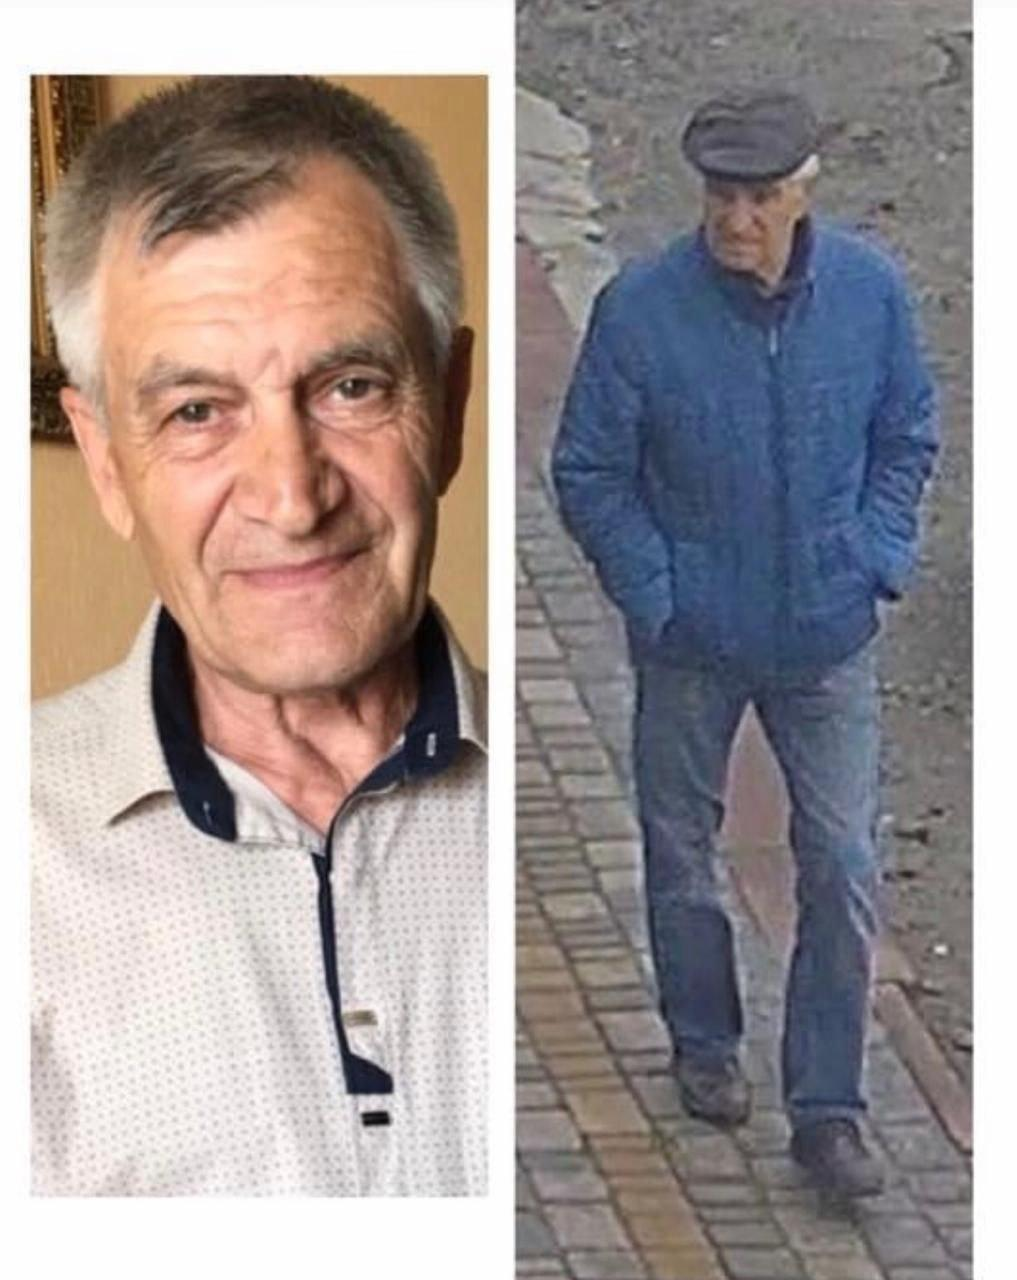 В Днепре разыскивают пропавшего без вести Виктора Гаврилова